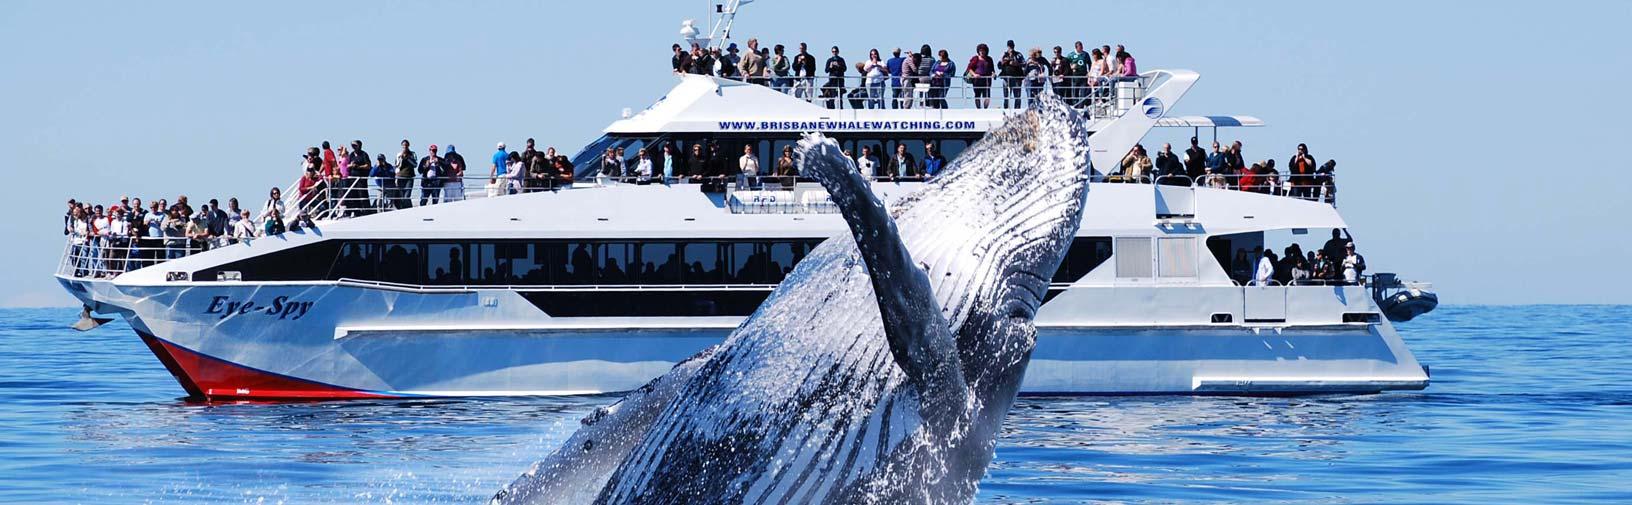 whale-21.jpg